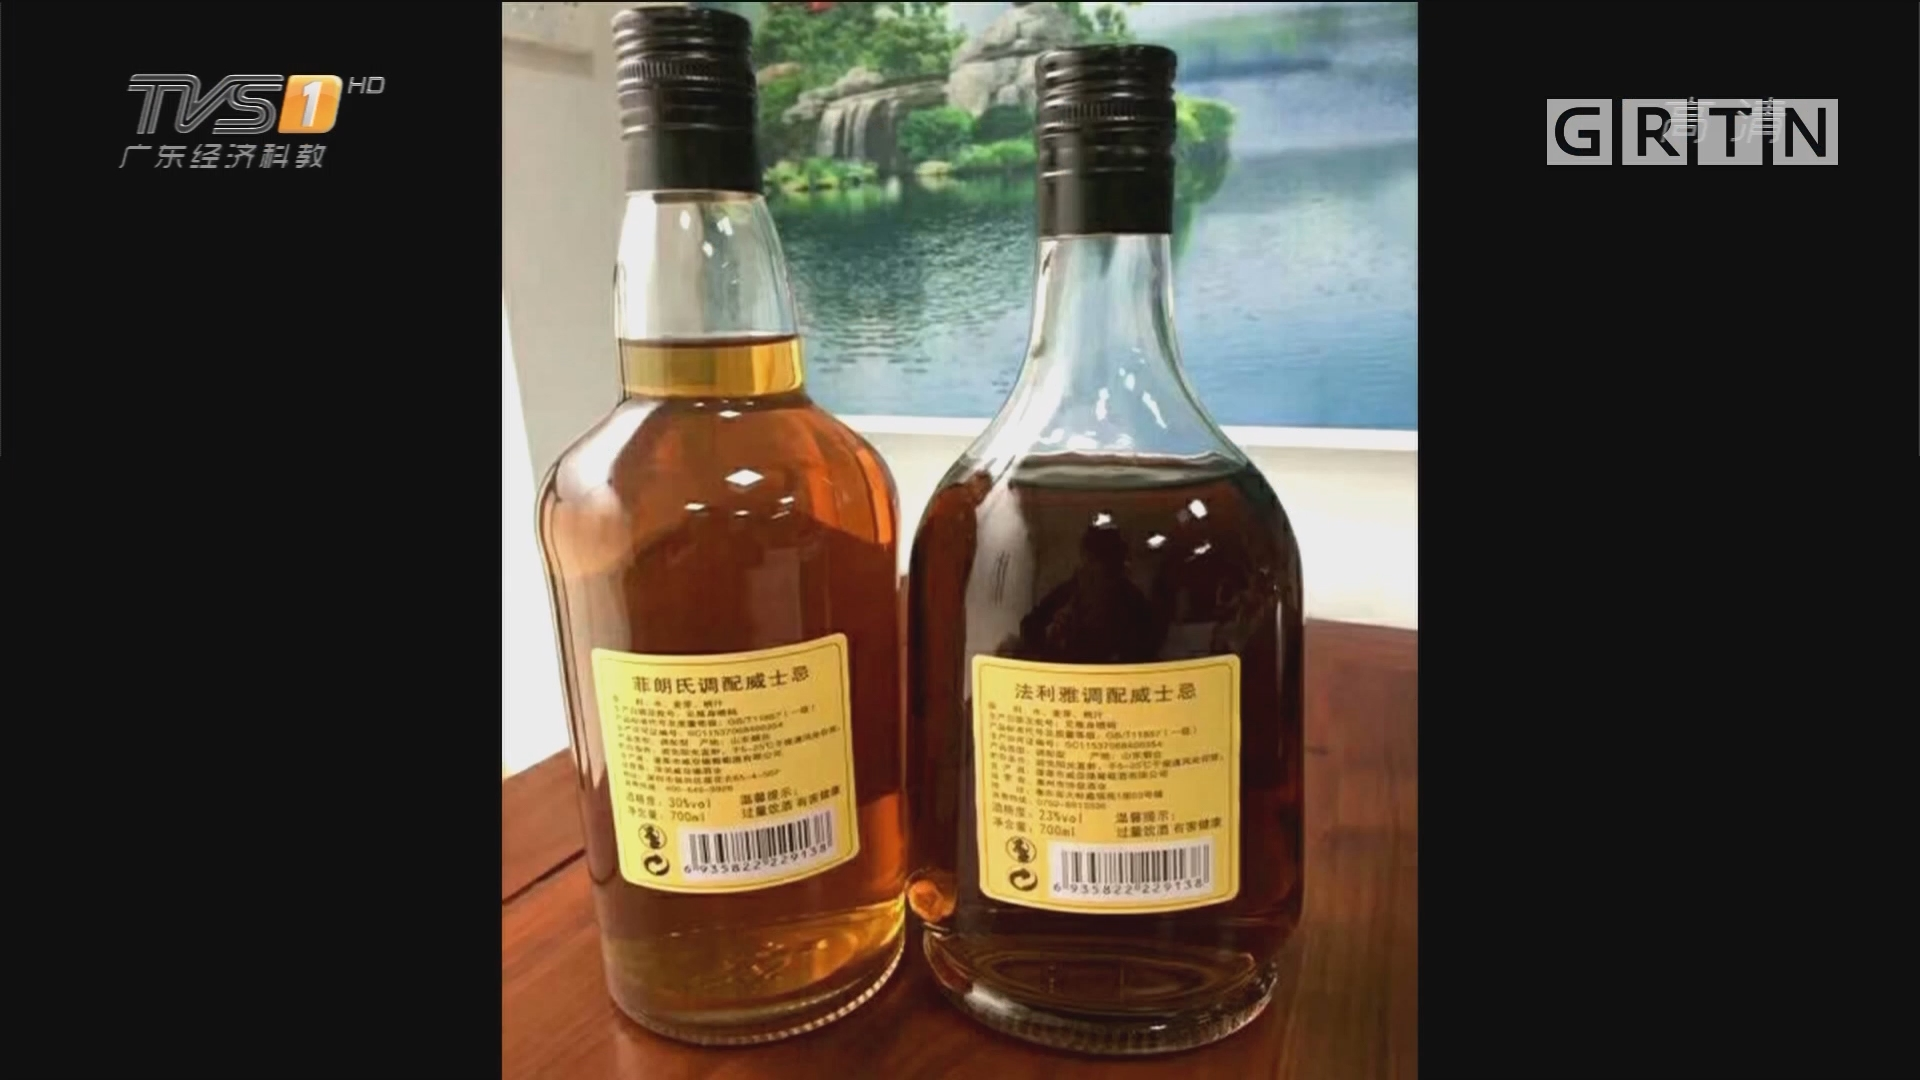 河源假酒案追踪:假酒案告破 13名嫌疑人被批捕